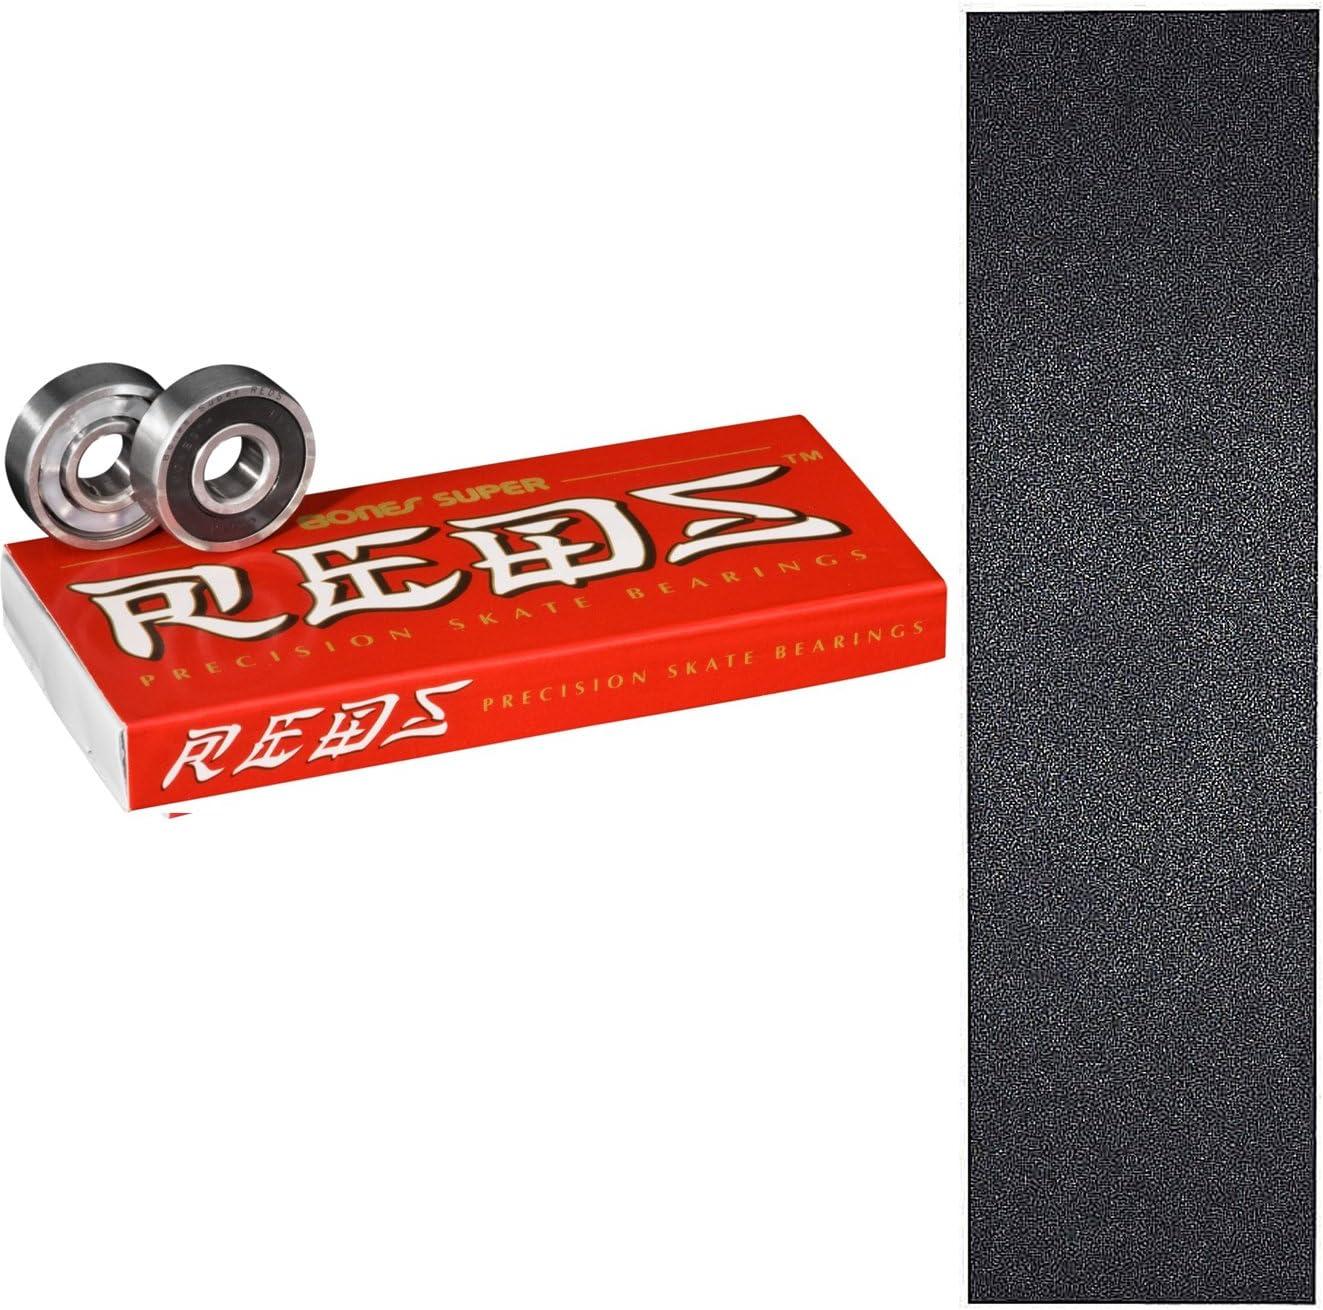 L20 Trouble 11 x 49 Longboard Grip Tape Skateboard Griptape Sheet Bubble Free Tie Dye